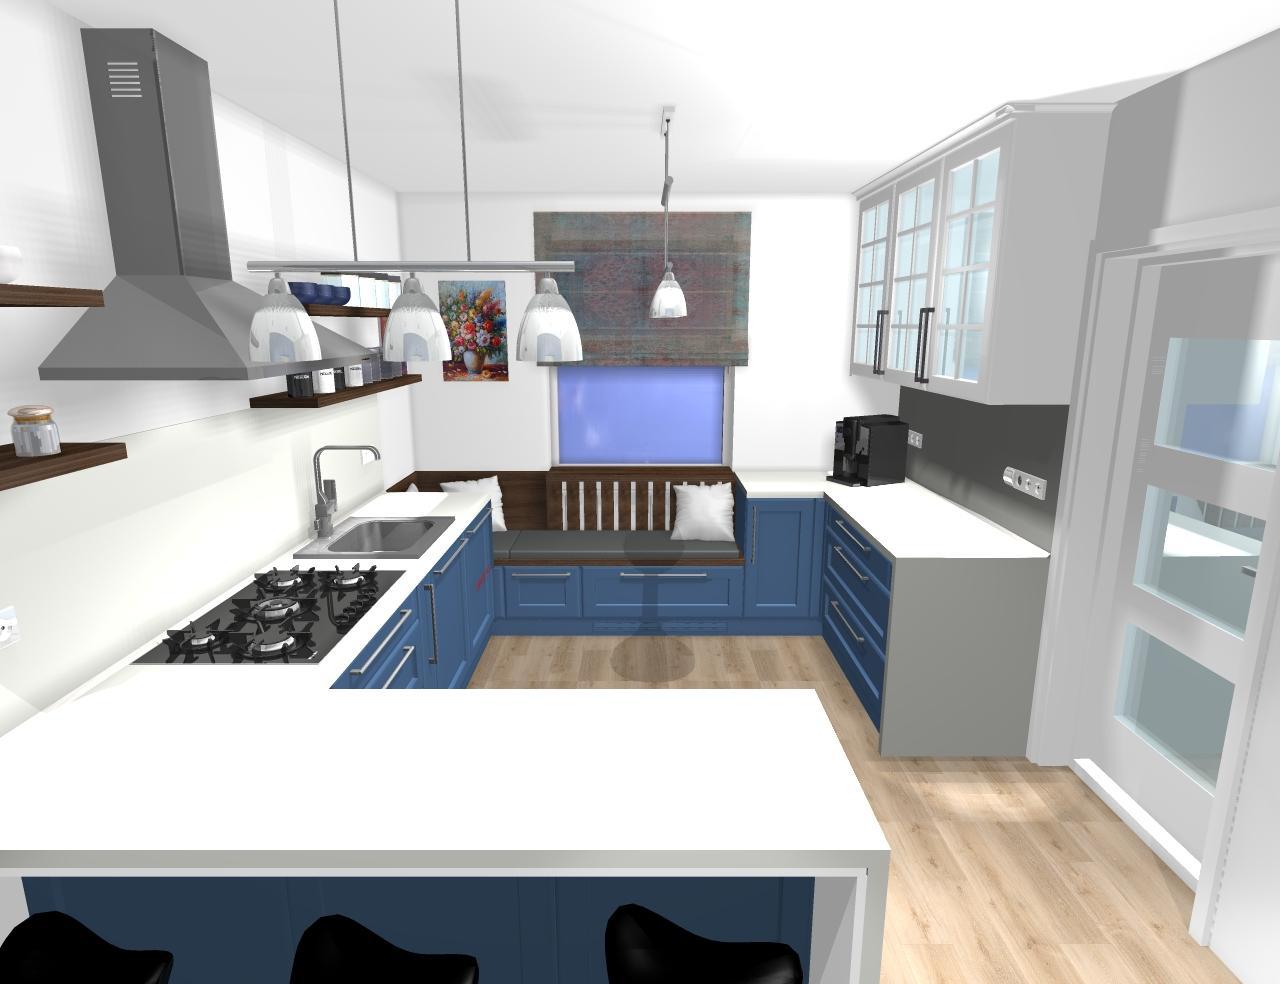 Grafické návrhy kuchynských liniek 2020 - Grafický návrh kuchynskej linky do rodinného domu vo Svätom Antone - obr.2